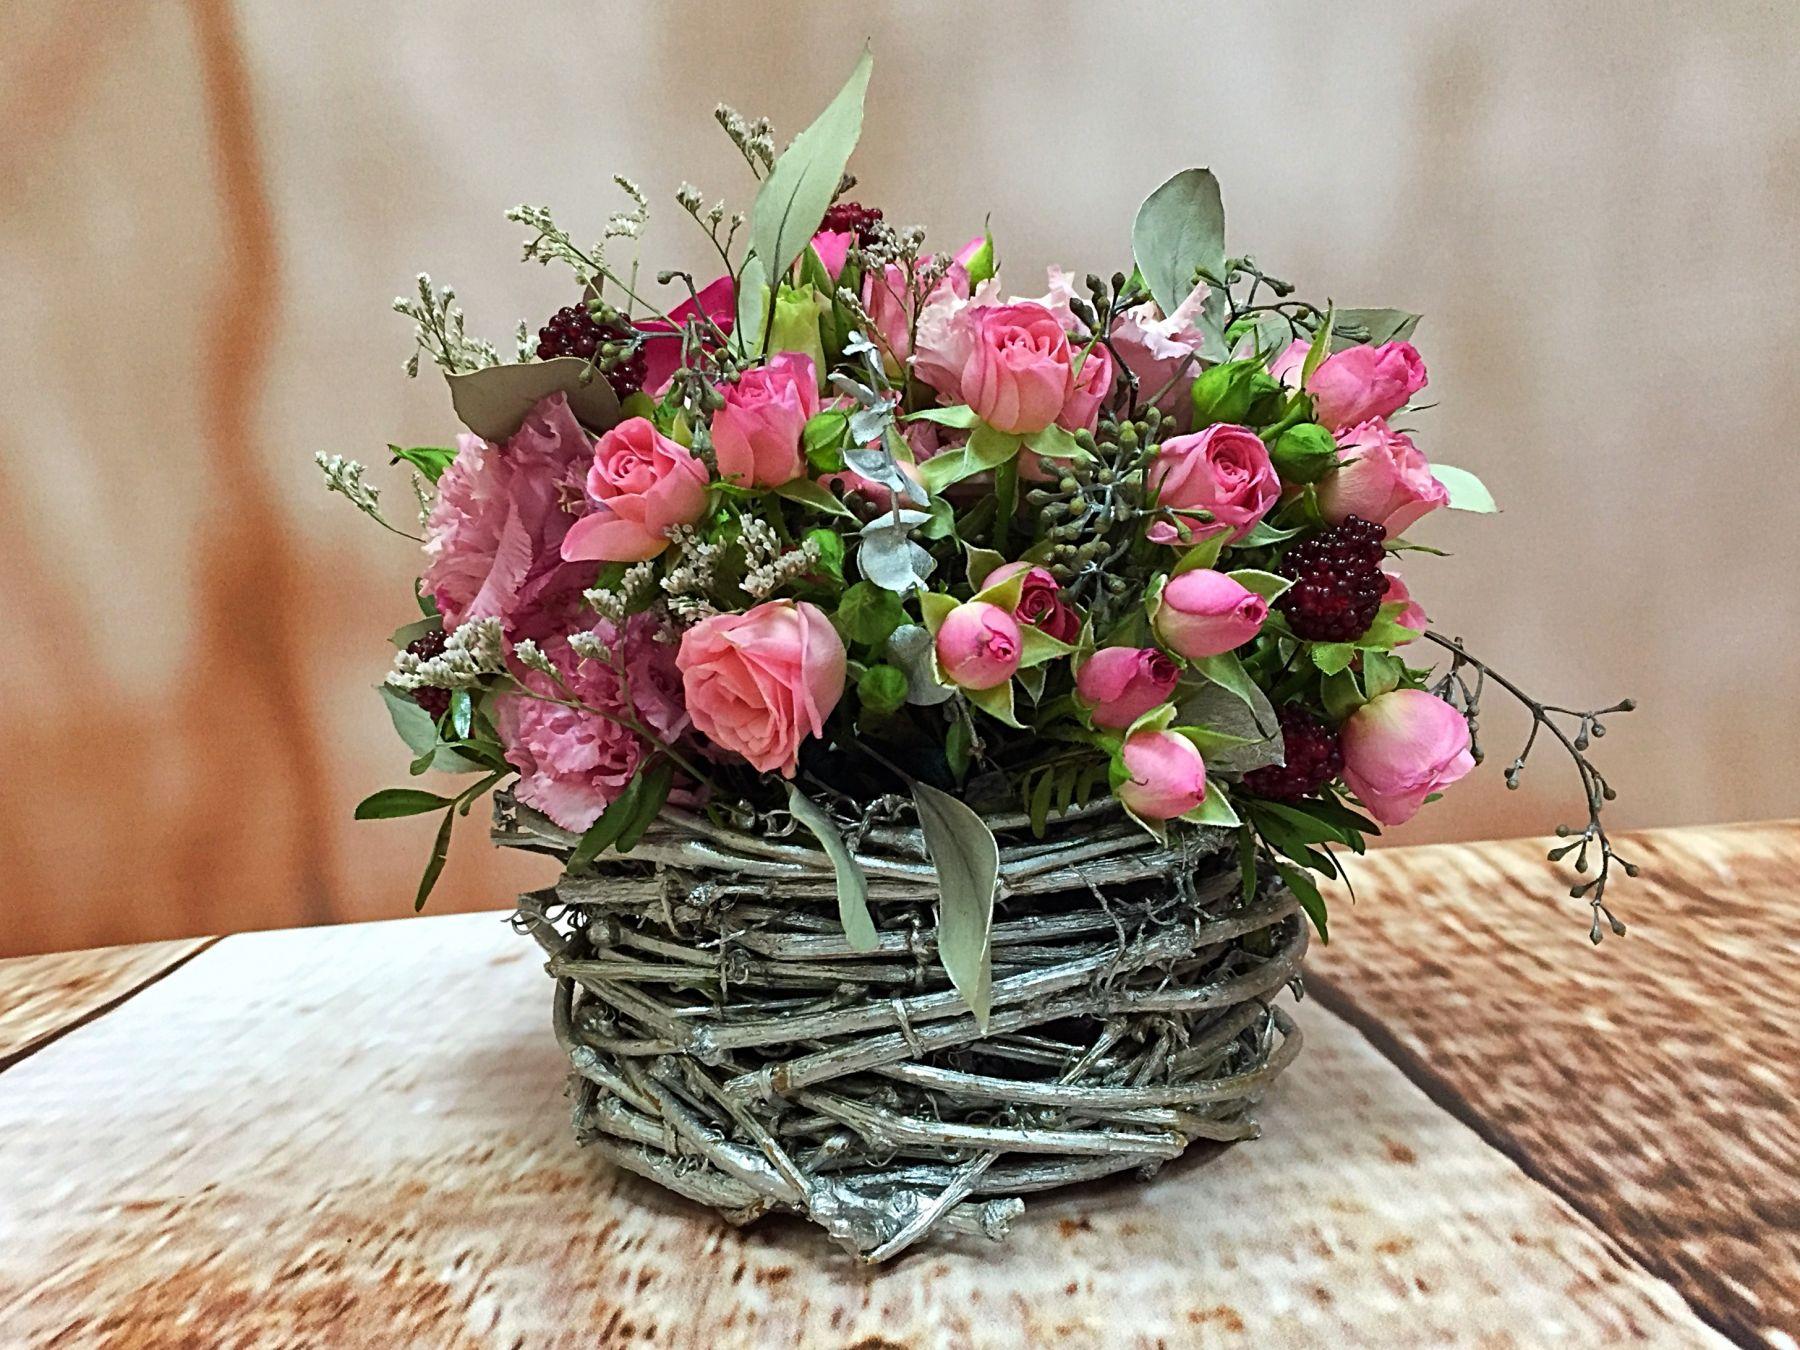 Заказать композиции из живых цветов в москве где купить цветы кладбище